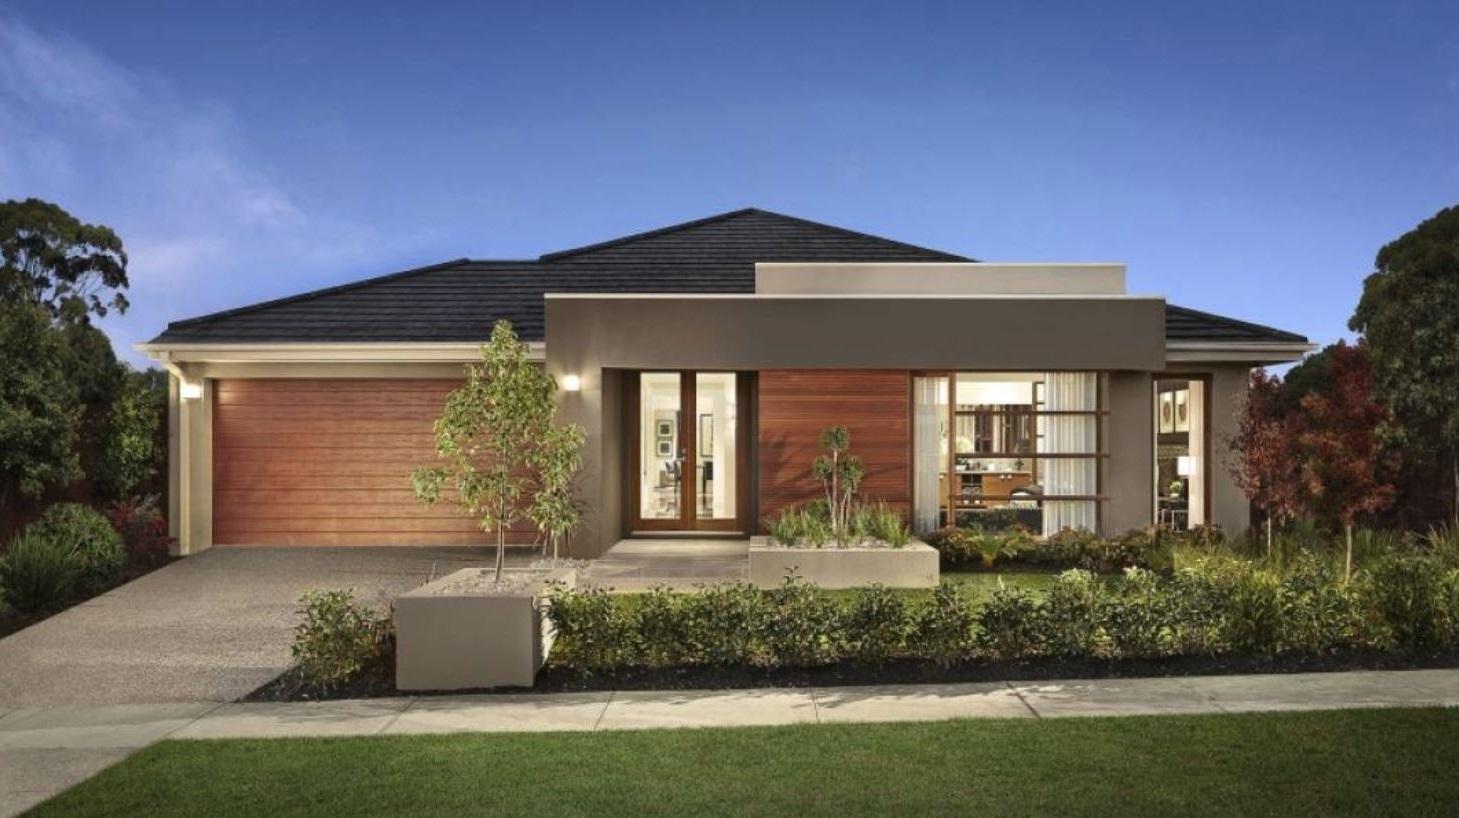 Fachadas de casas de 1 piso for Fachadas de casas 1 planta